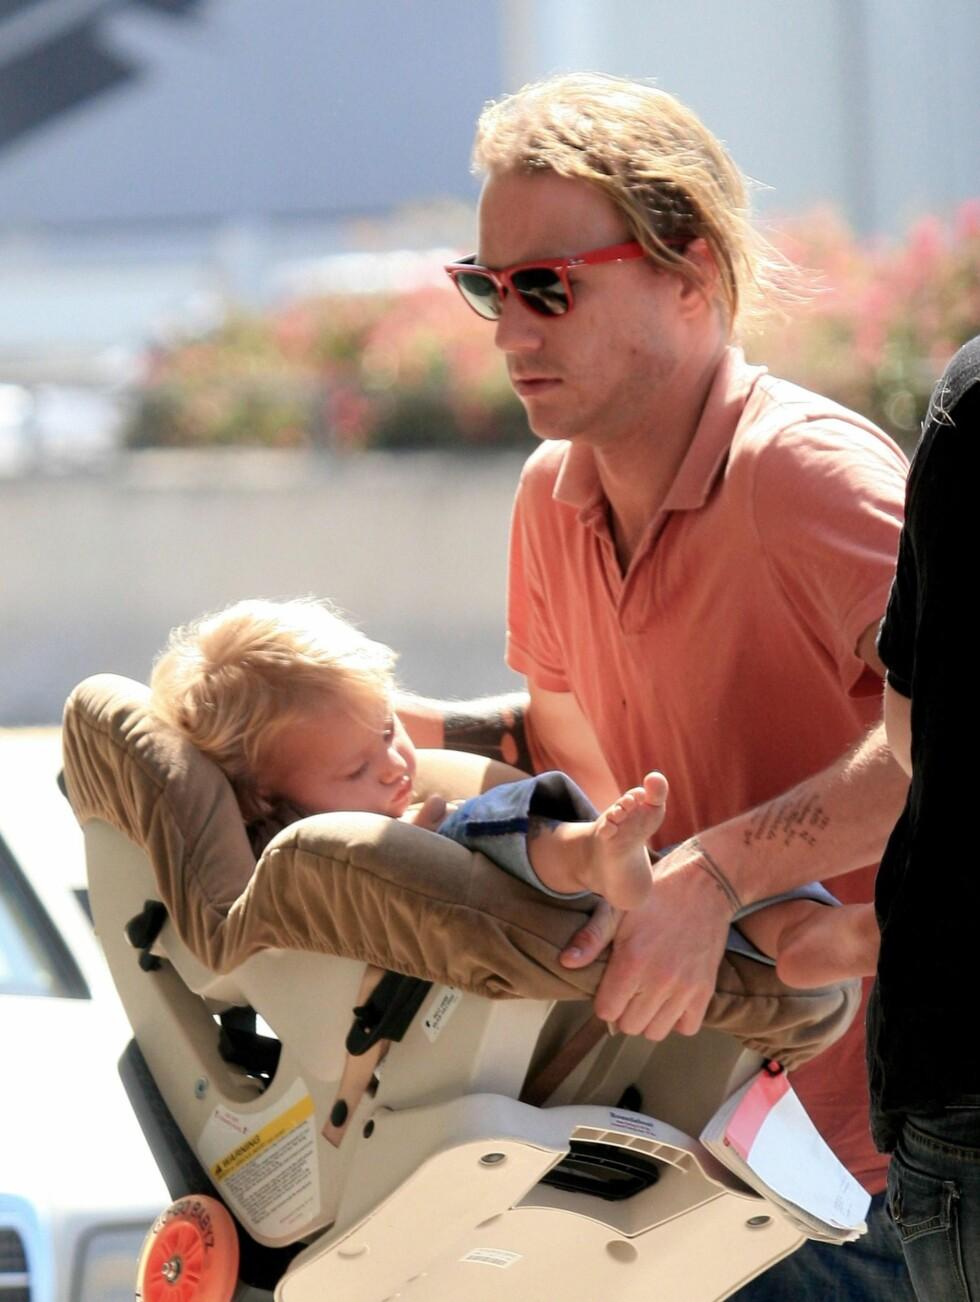 MISTET PAPPA: Lille Matilda var Heath Ledgers største kjærlighet. Etter hans tragiske død, må hun leve opp uten pappa.  Foto: All Over Press